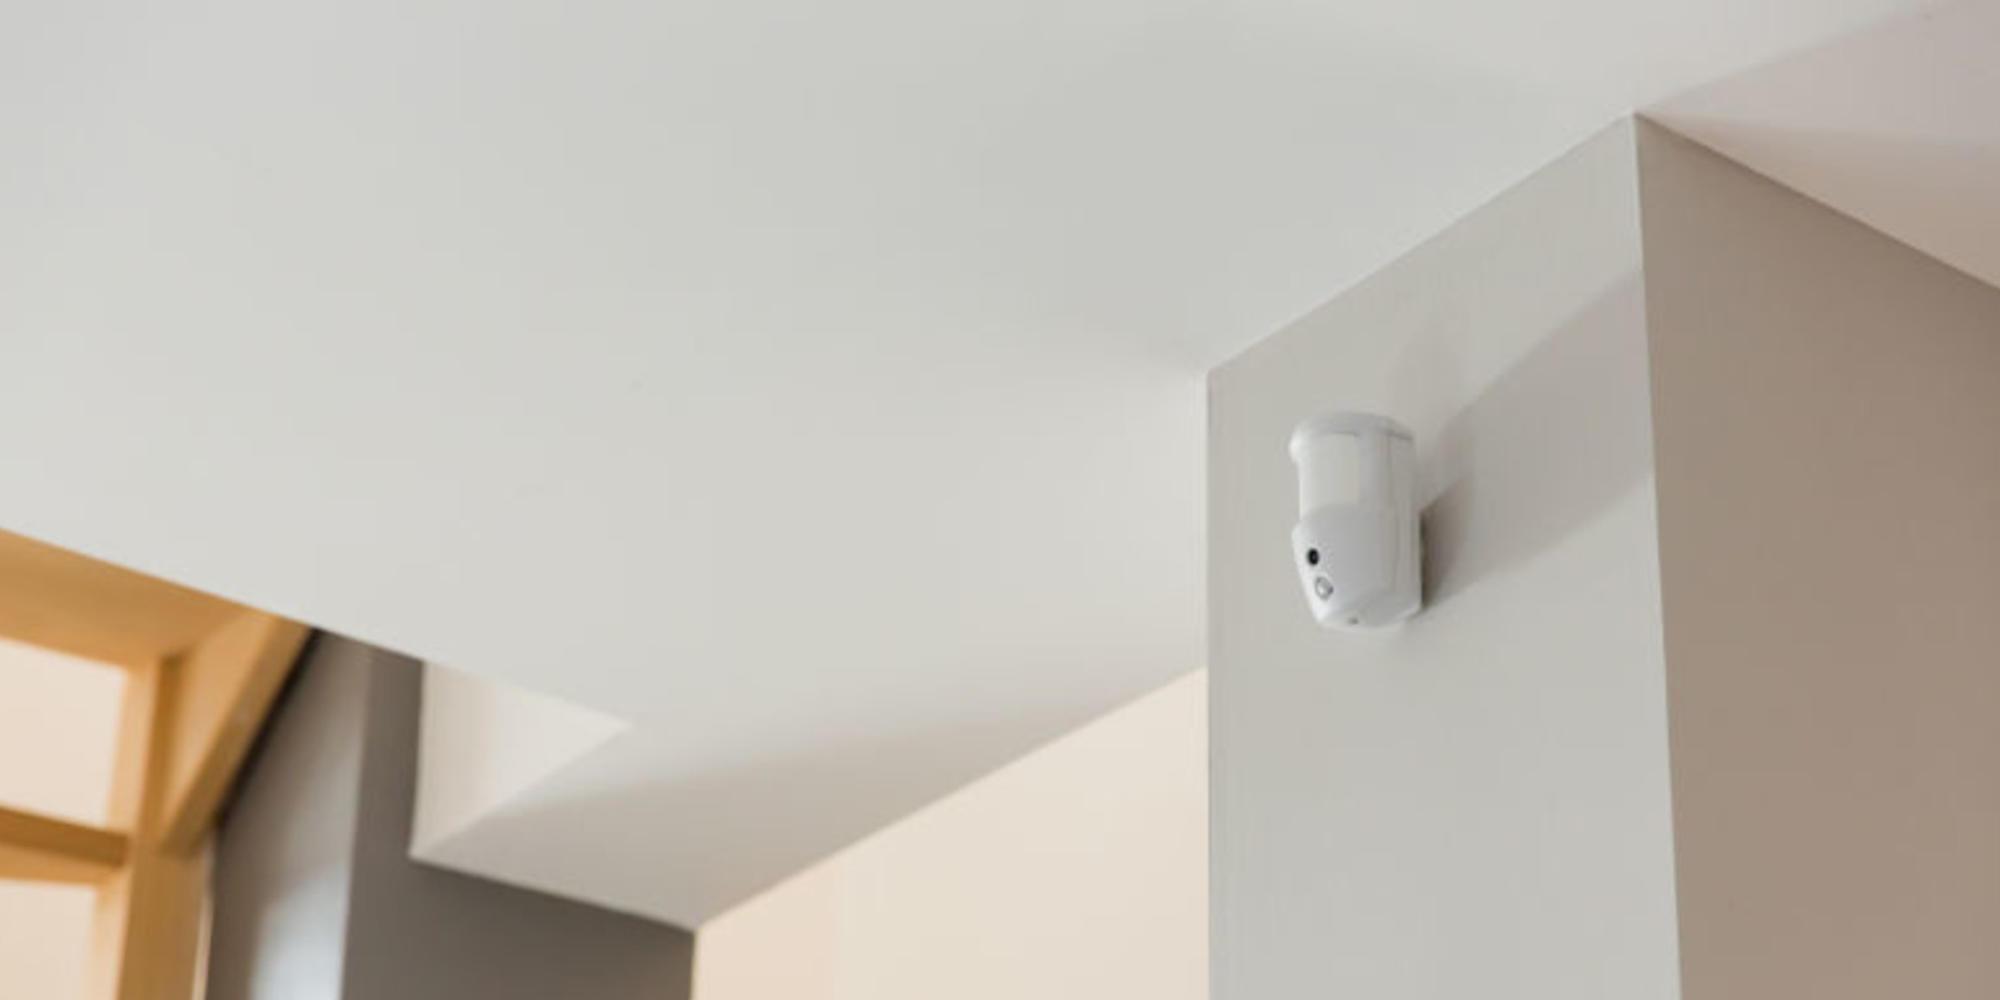 Comment fonctionne un détecteur de présence